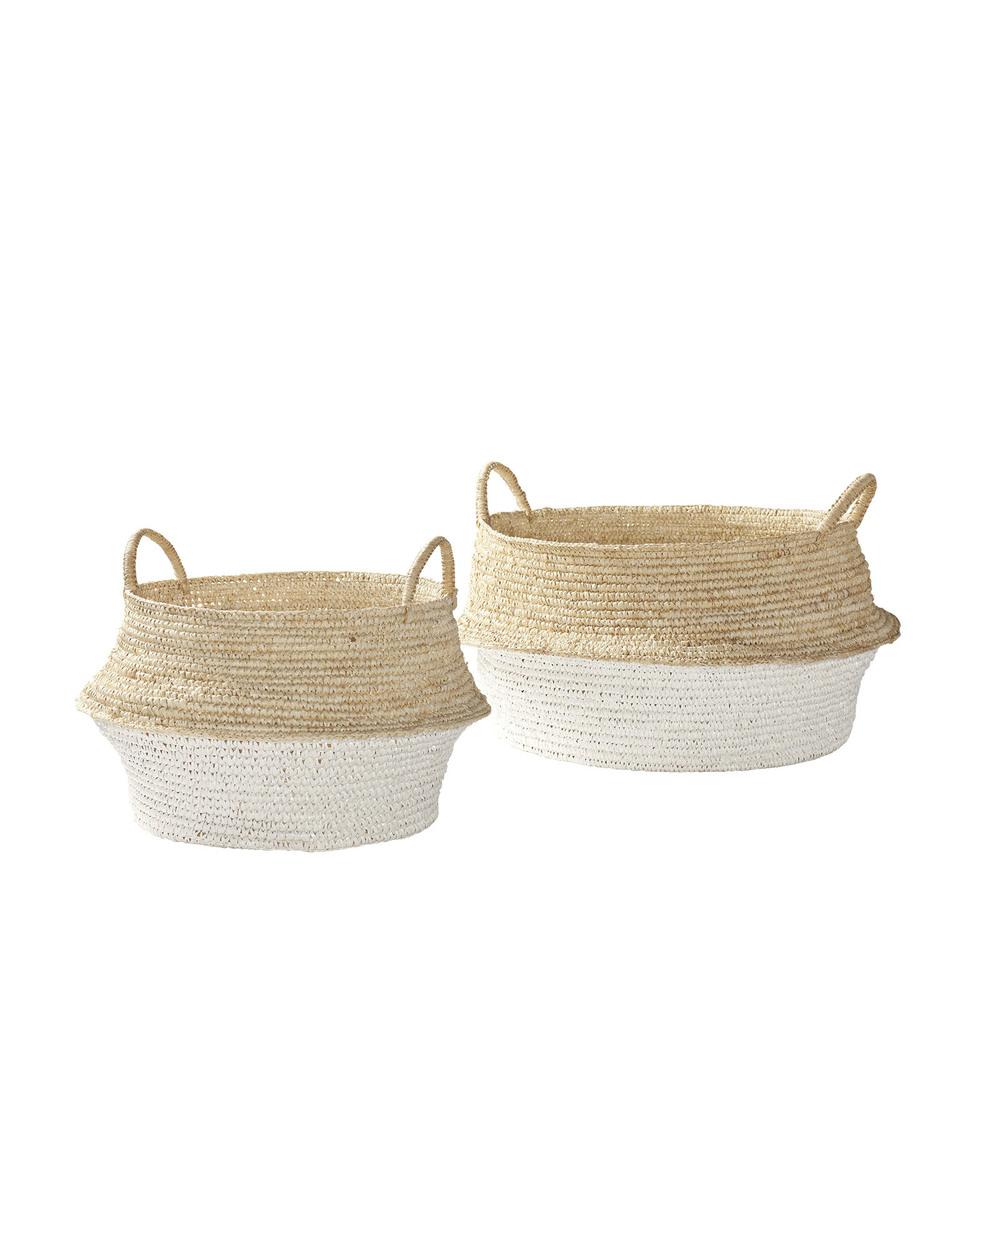 Round Belly Baskets